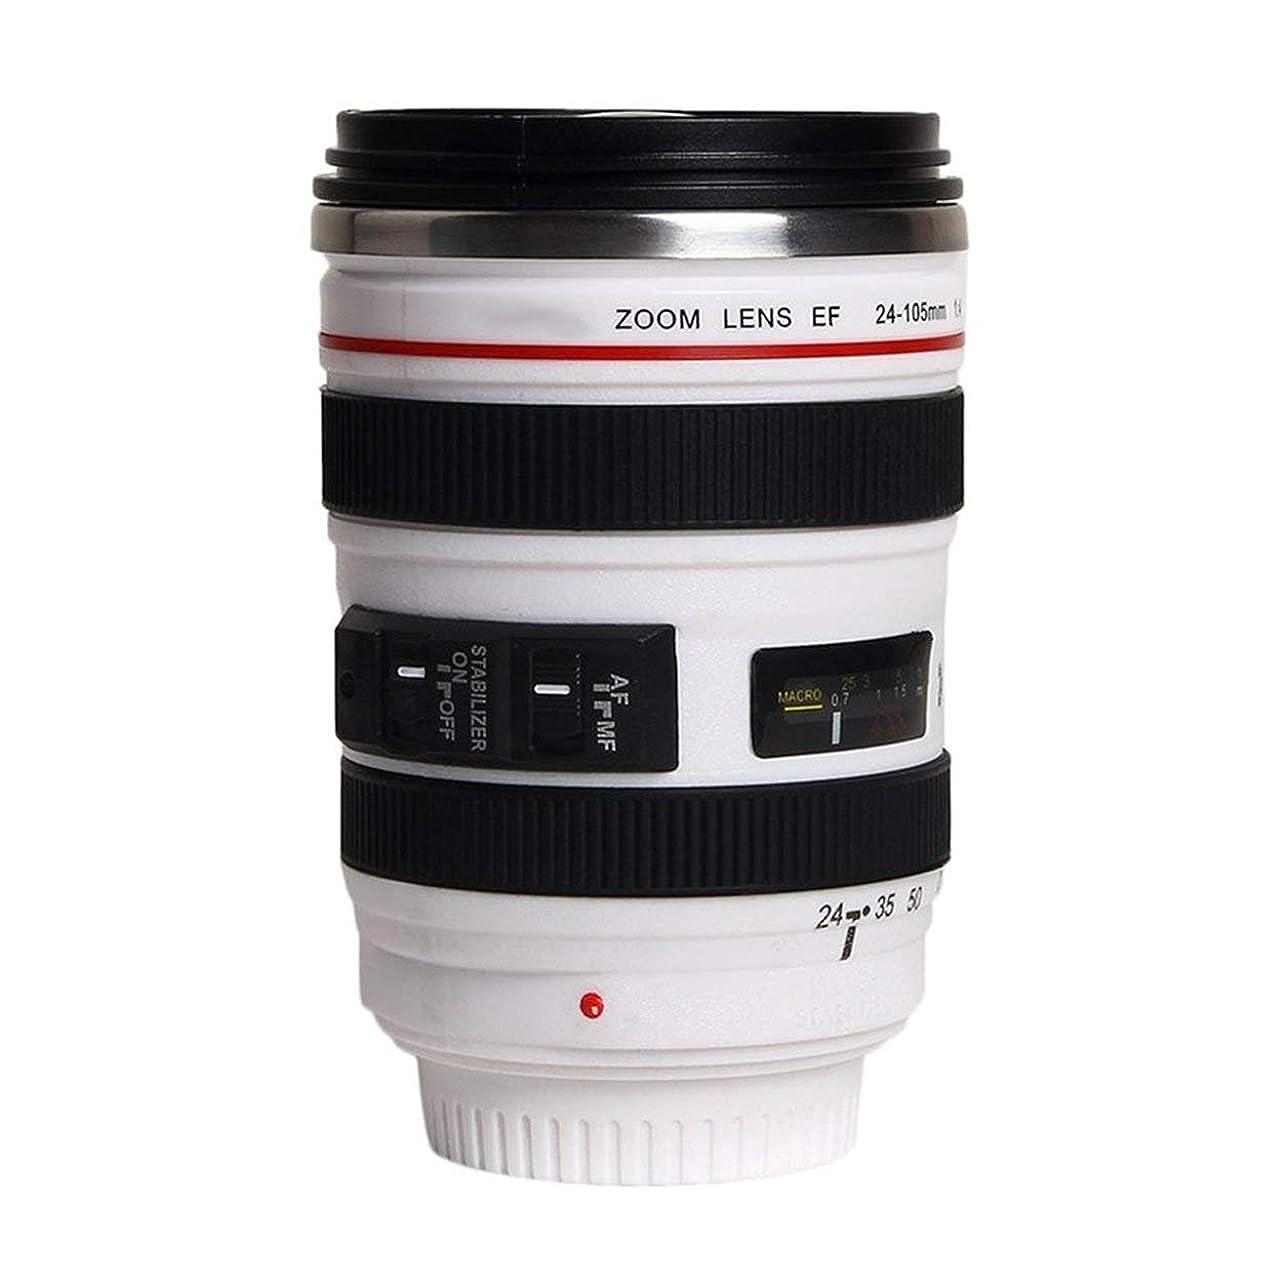 周術期怪しい発音Saikogoods ファッション1PCS耐久DIYステンレス鋼真空フラスコ旅行コーヒーマグカップ水コーヒーティーカメラレンズカップのふたギフト付き 白